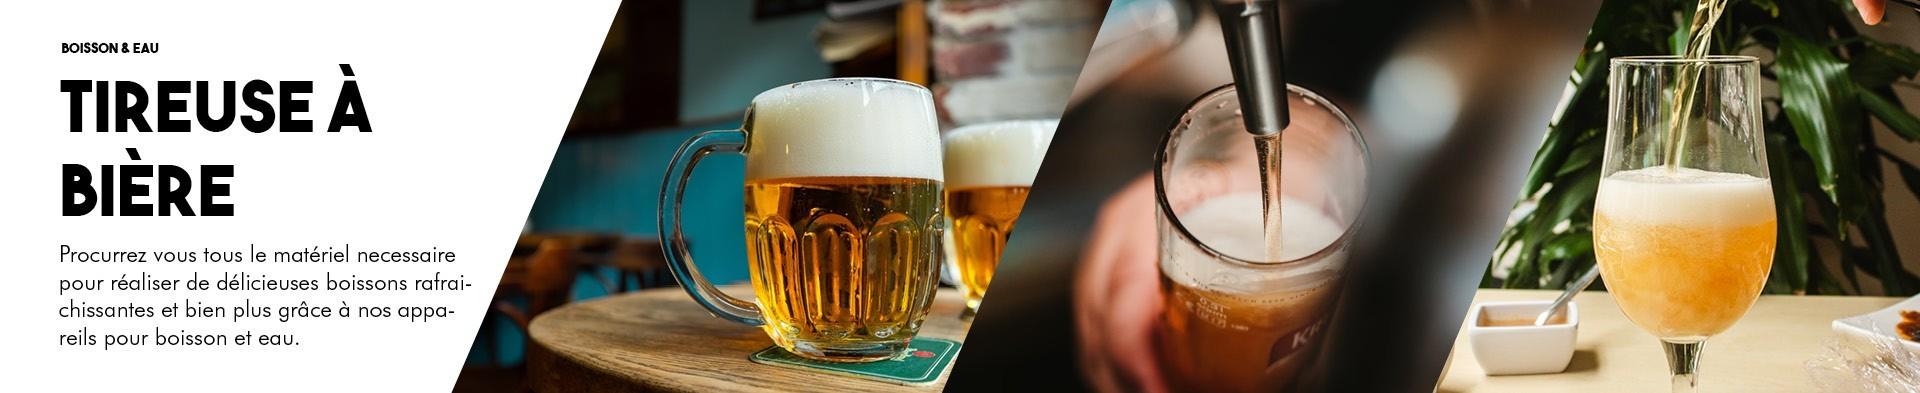 Tireuse à bière - blackpanther.fr